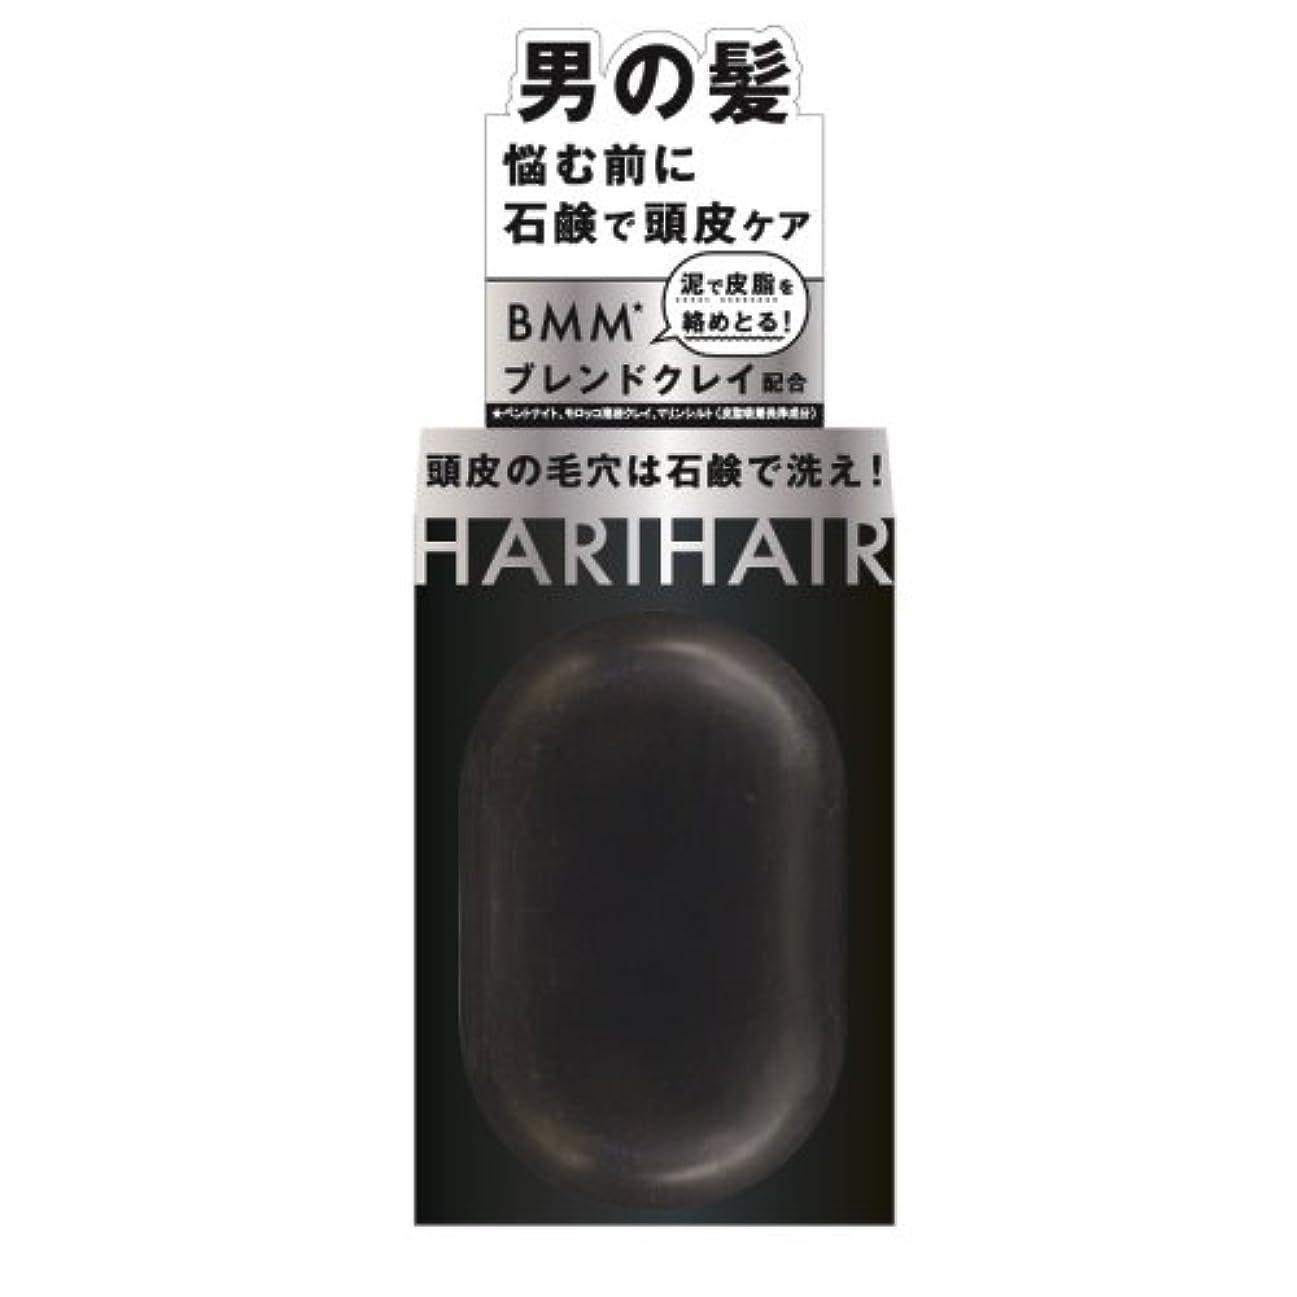 ニコチンフルーティー全滅させるペリカン石鹸 ハリヘア 固形シャンプー 100g